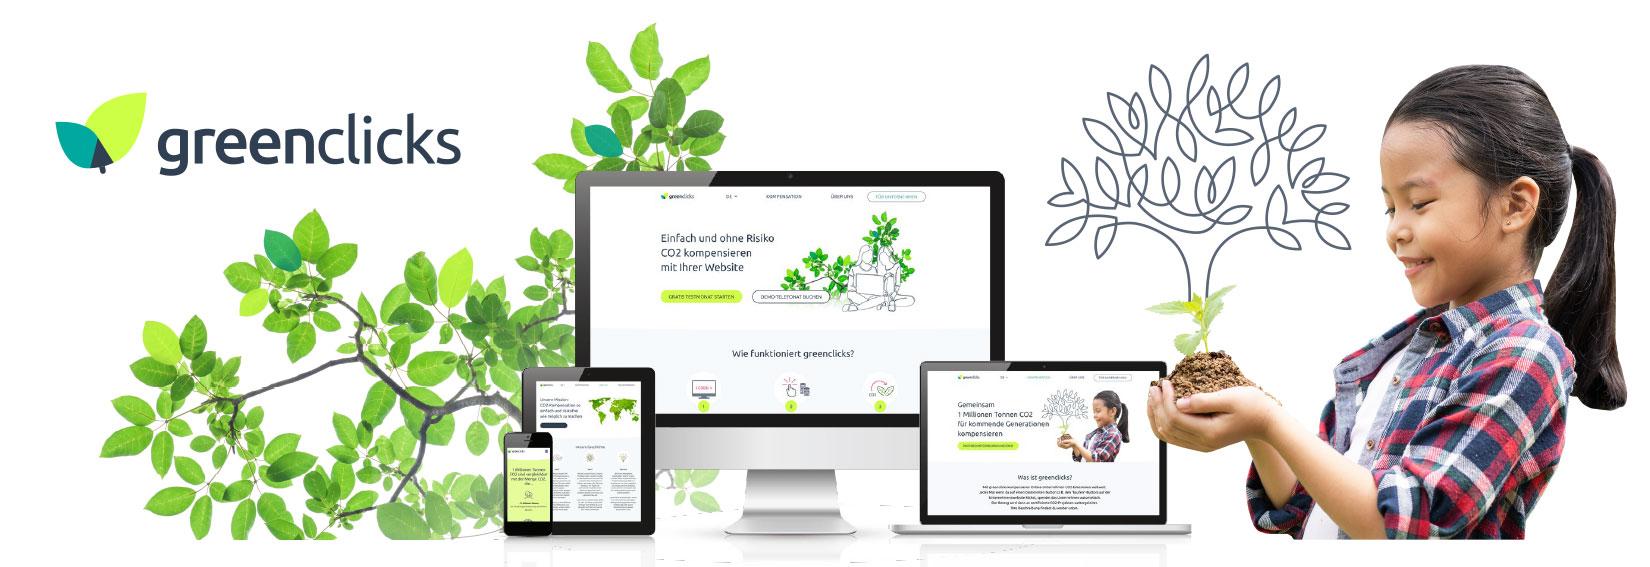 Logodesign und Webdesign für das Startup greenclicks